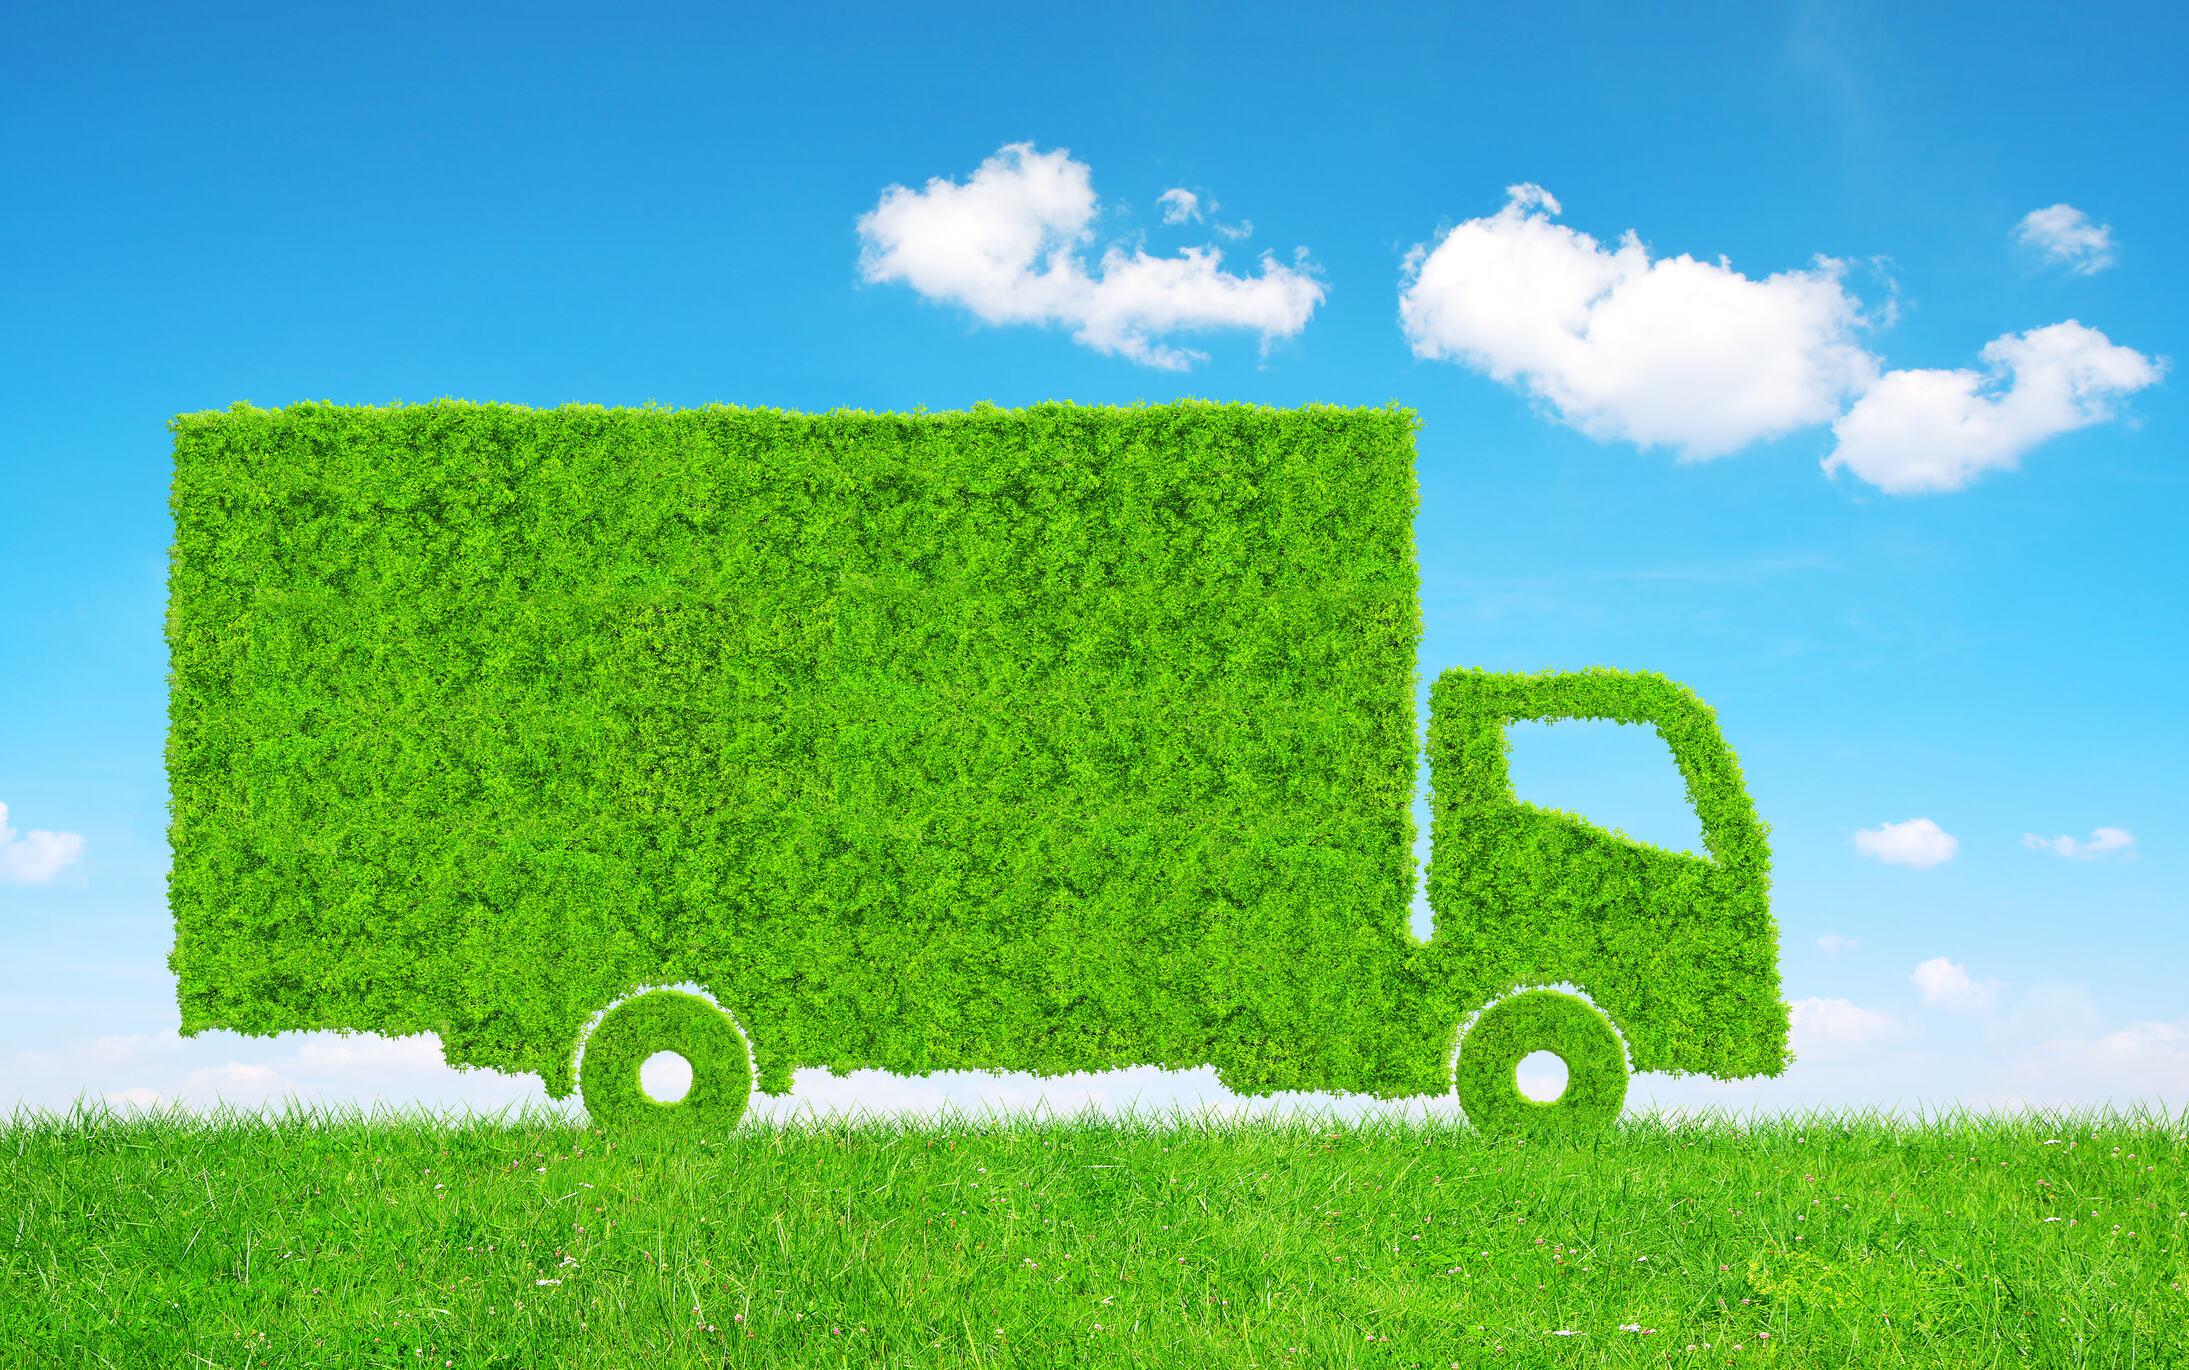 Green grass truck